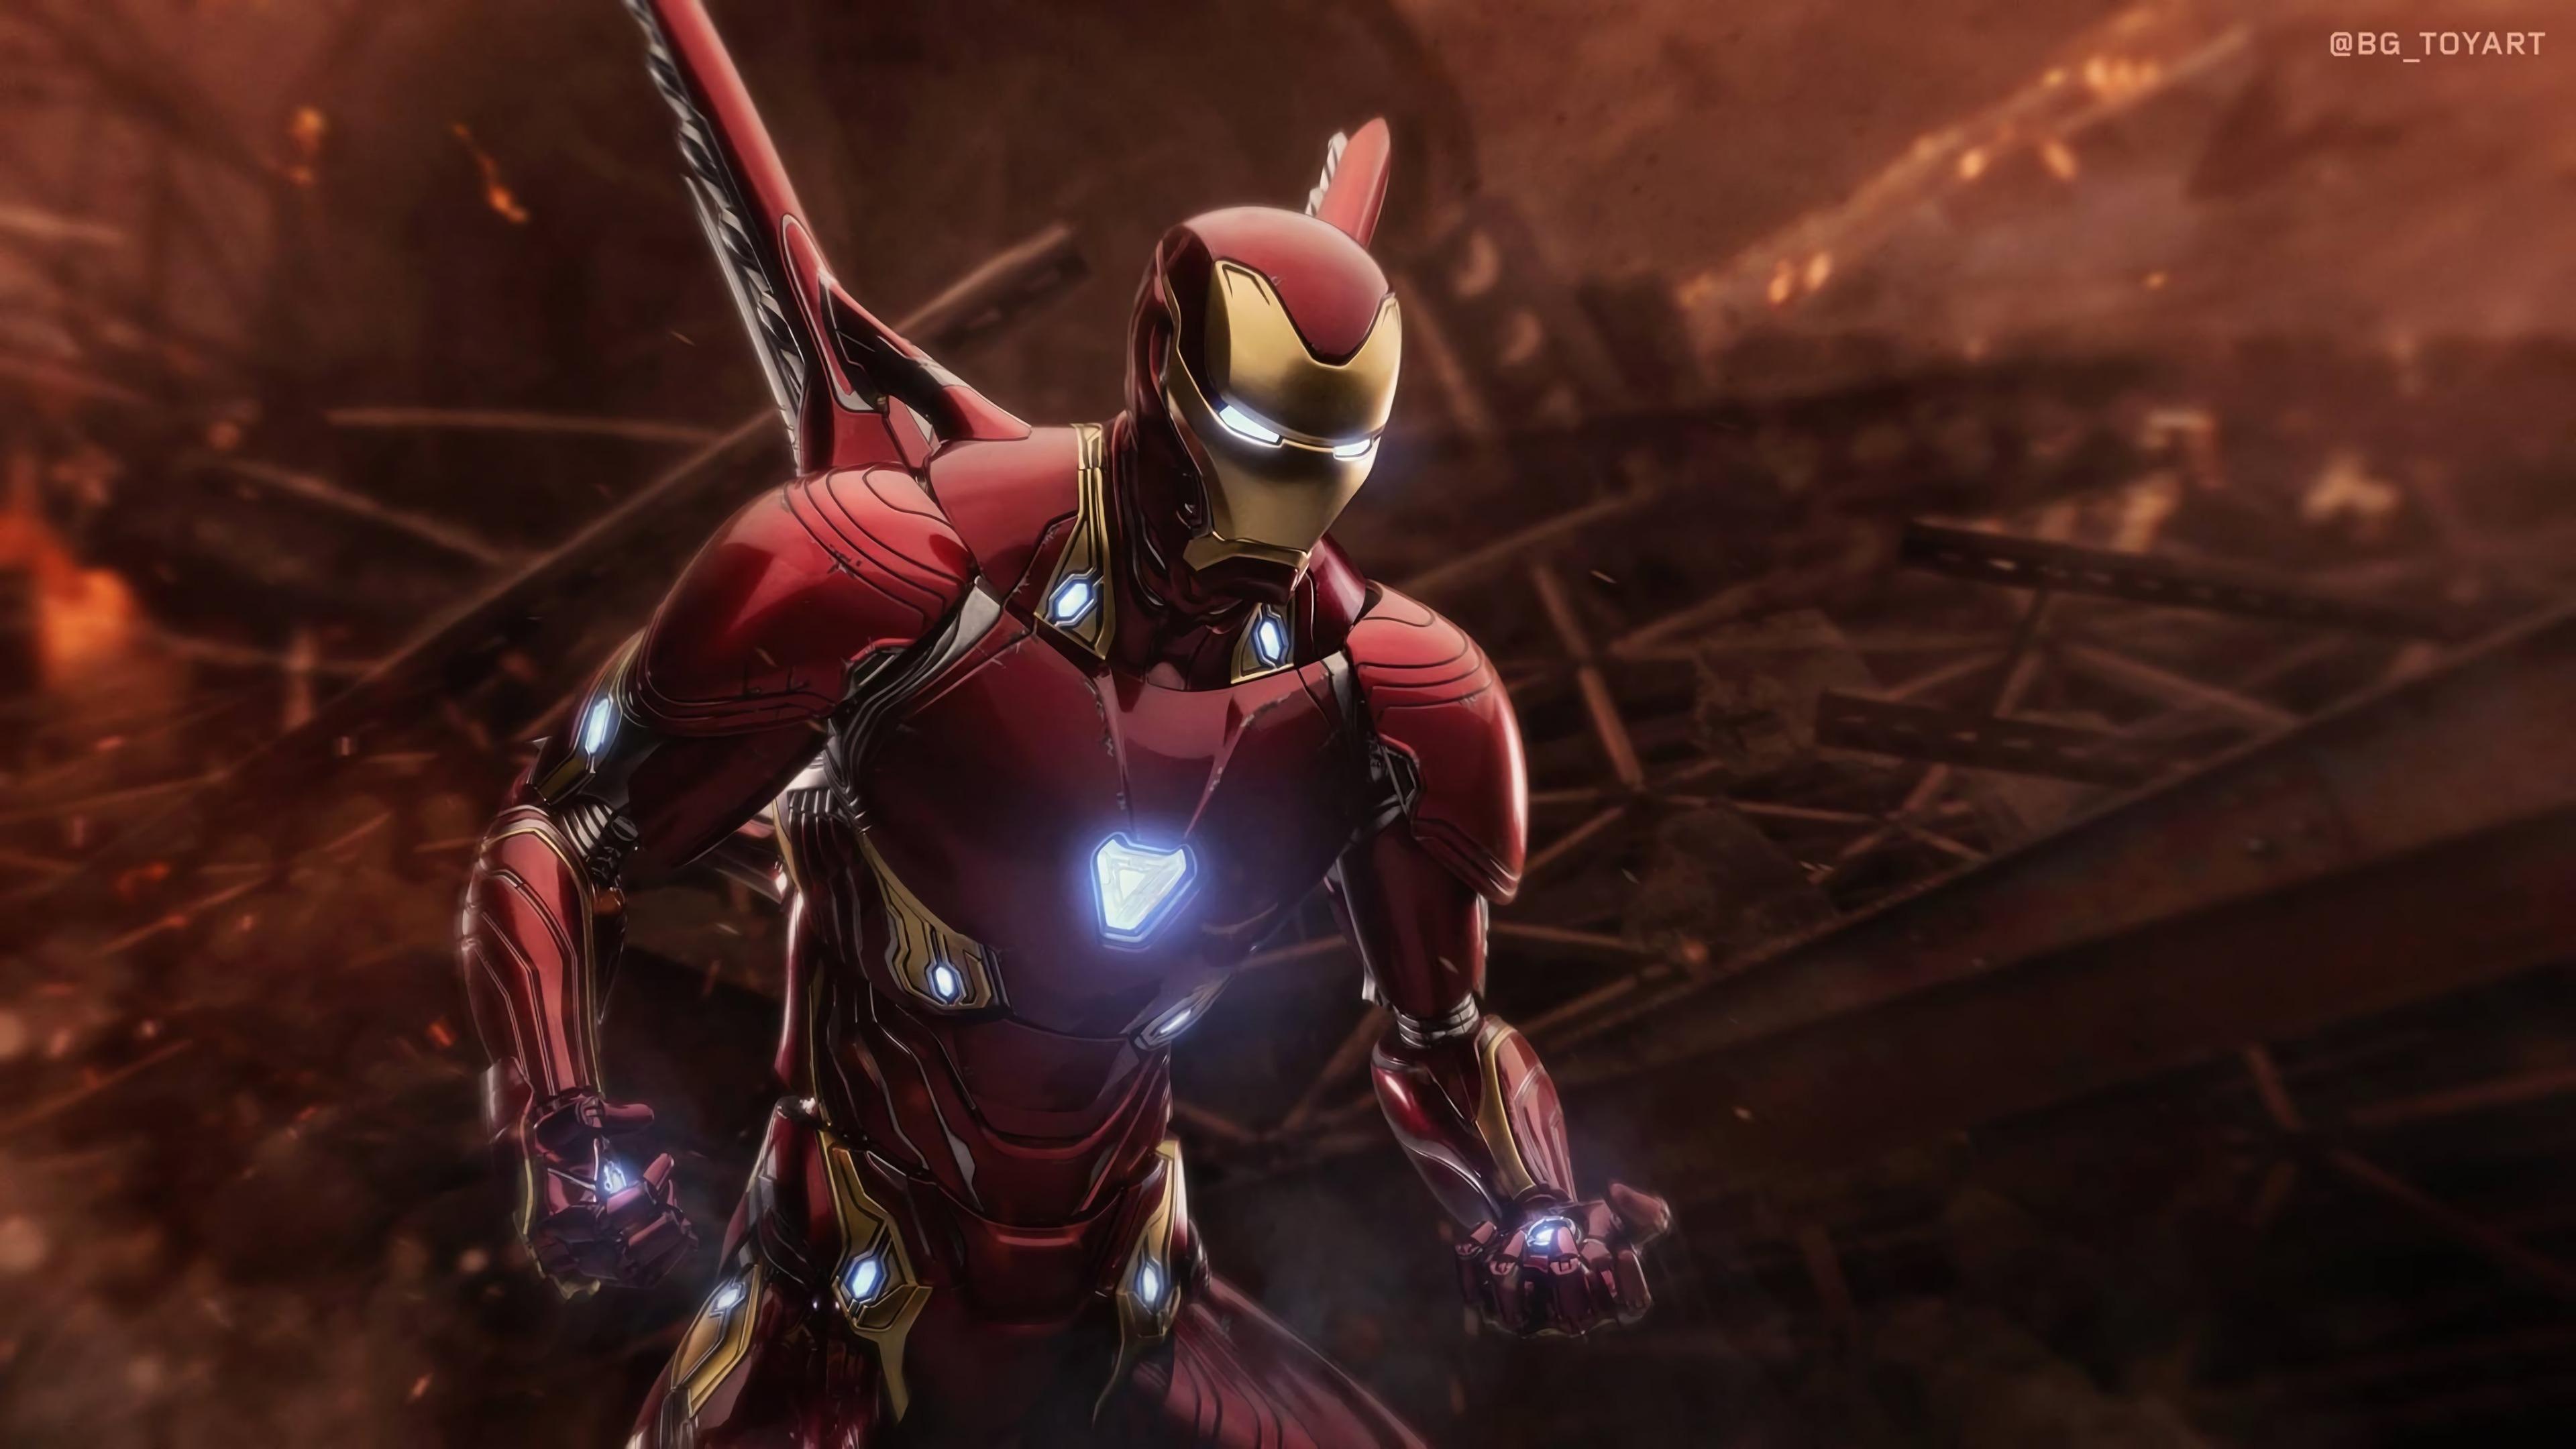 iron-man4k-2019-xn.jpg